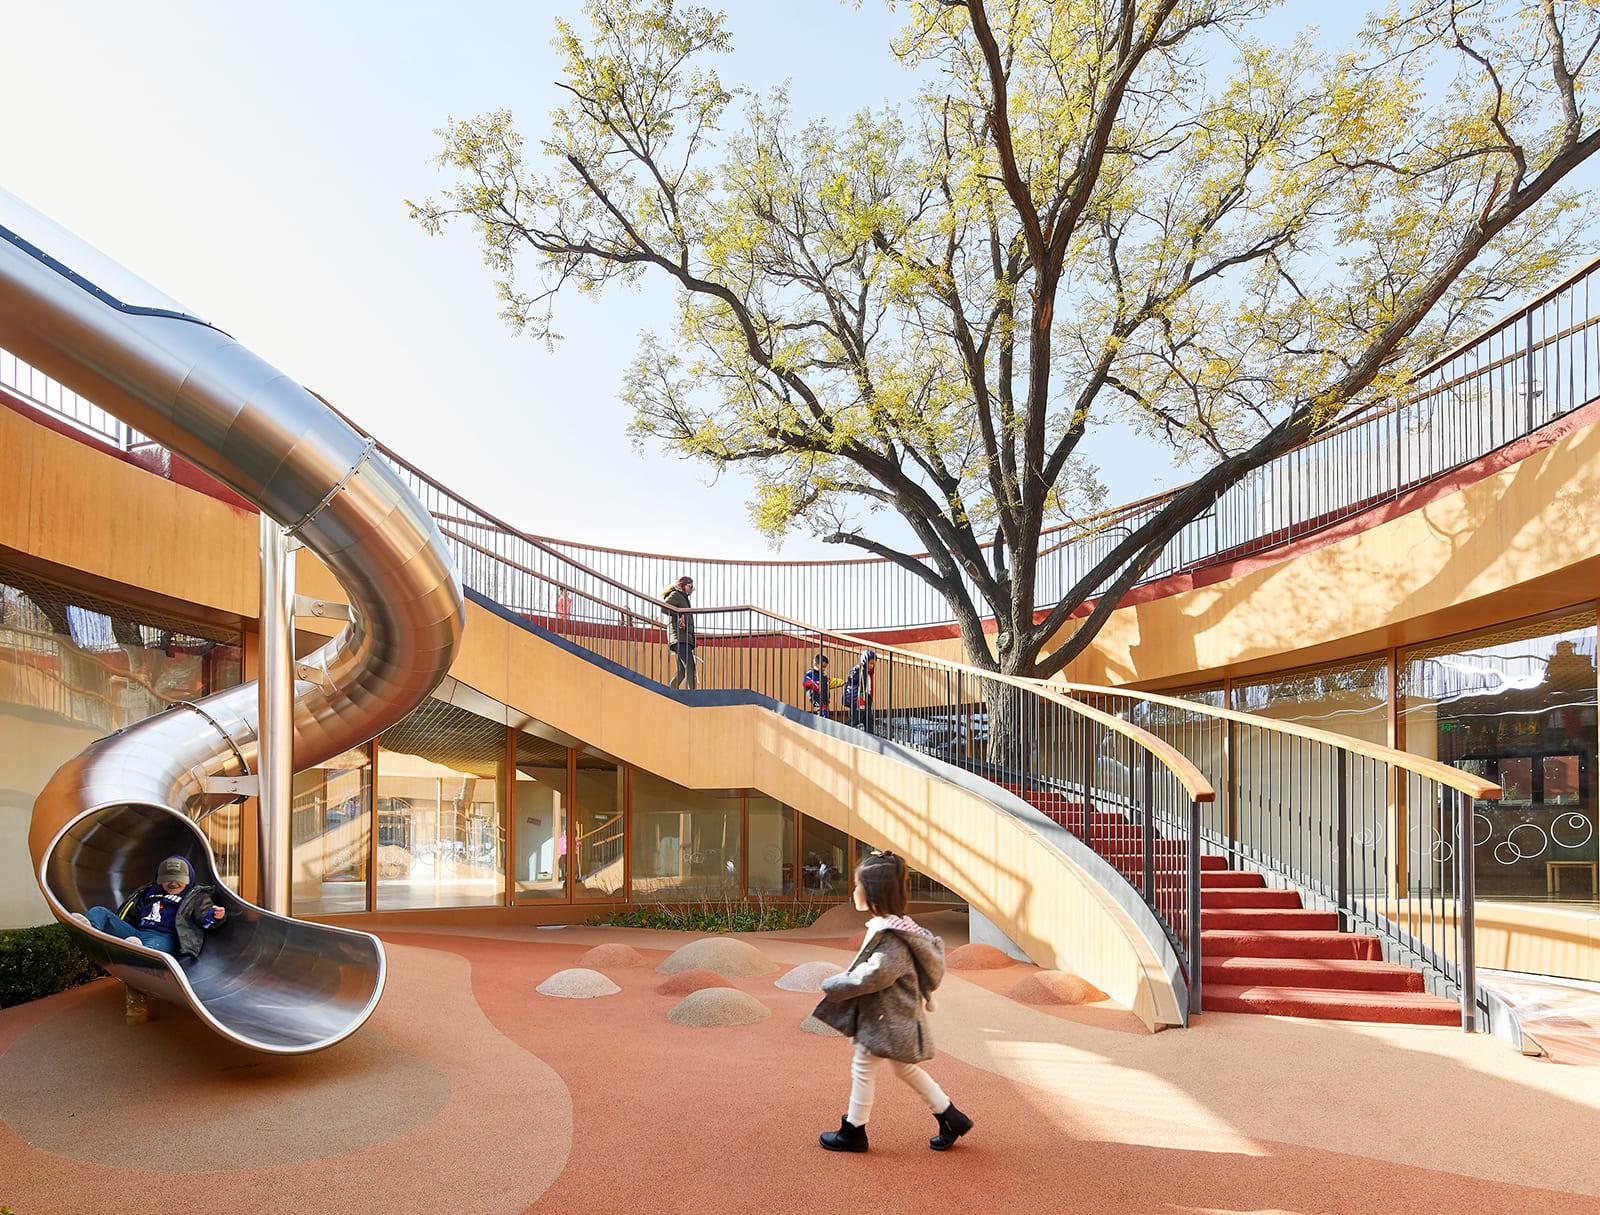 Yuecheng Courtyard Kindergarten  - 8 HuftonCrow 53